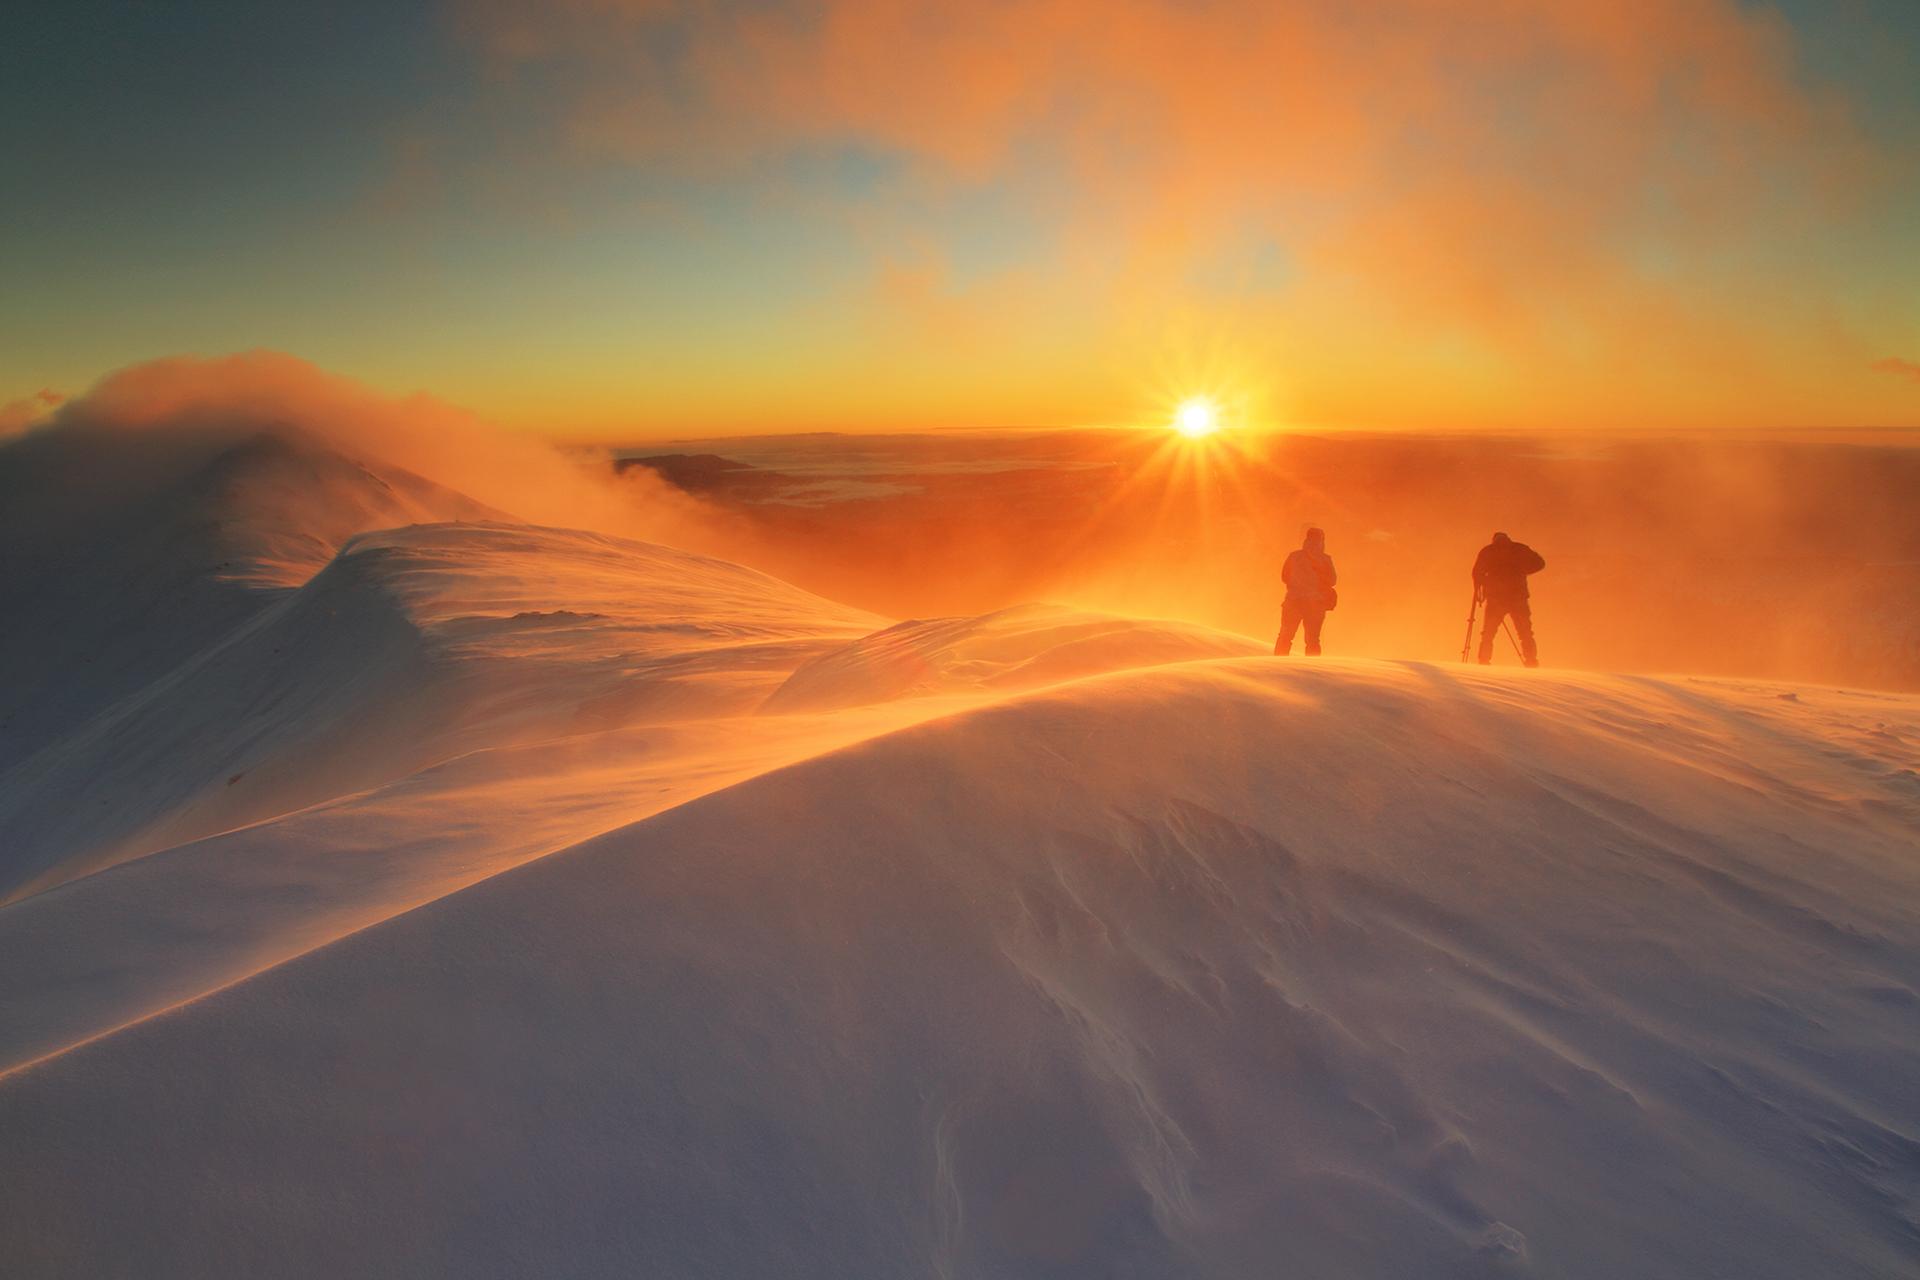 Едно лудо фотографско утро - изгрев от Голям Мечи връх, Рила от емилиян евдокимов - evdokimov_emo